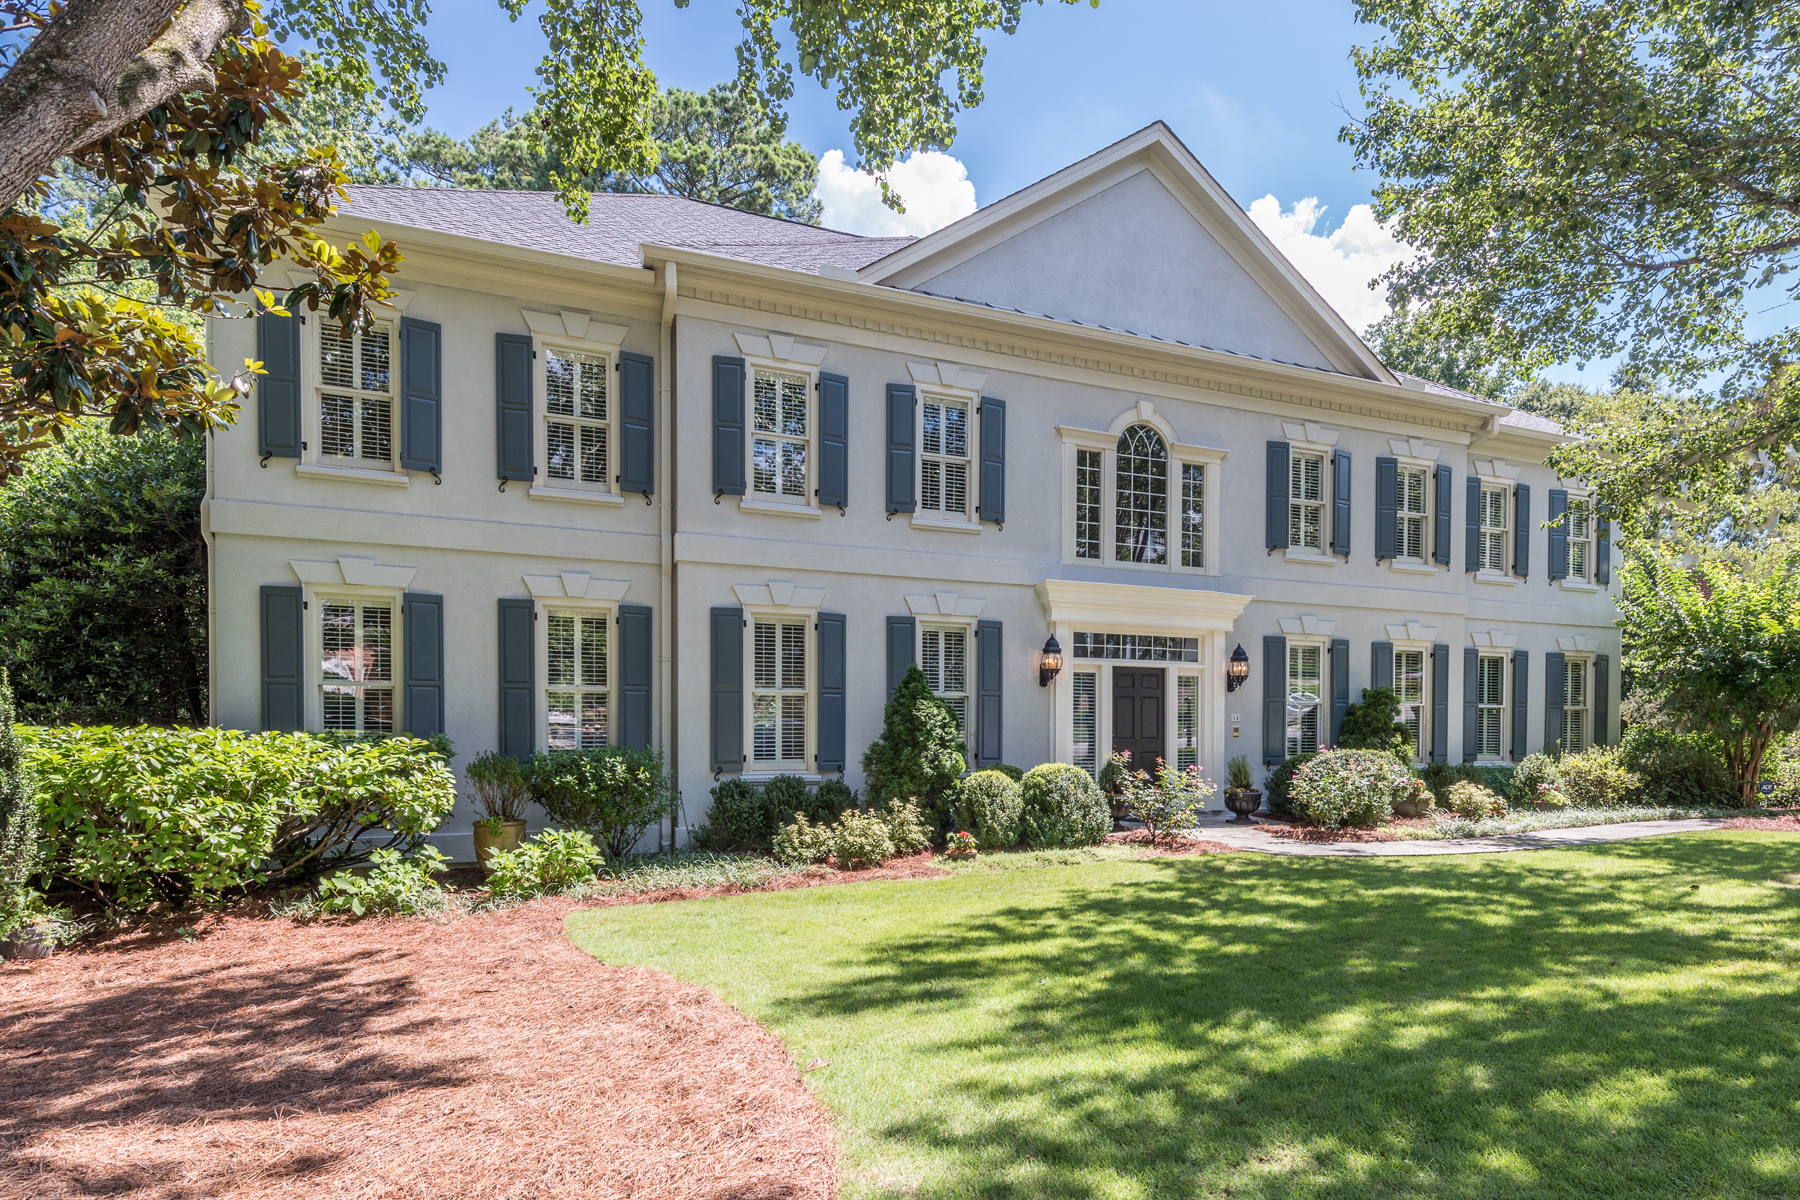 Maison unifamiliale pour l Vente à Charming French Provincial 14 Rose Gate Drive NE Chastain Park, Atlanta, Georgia, 30342 États-Unis